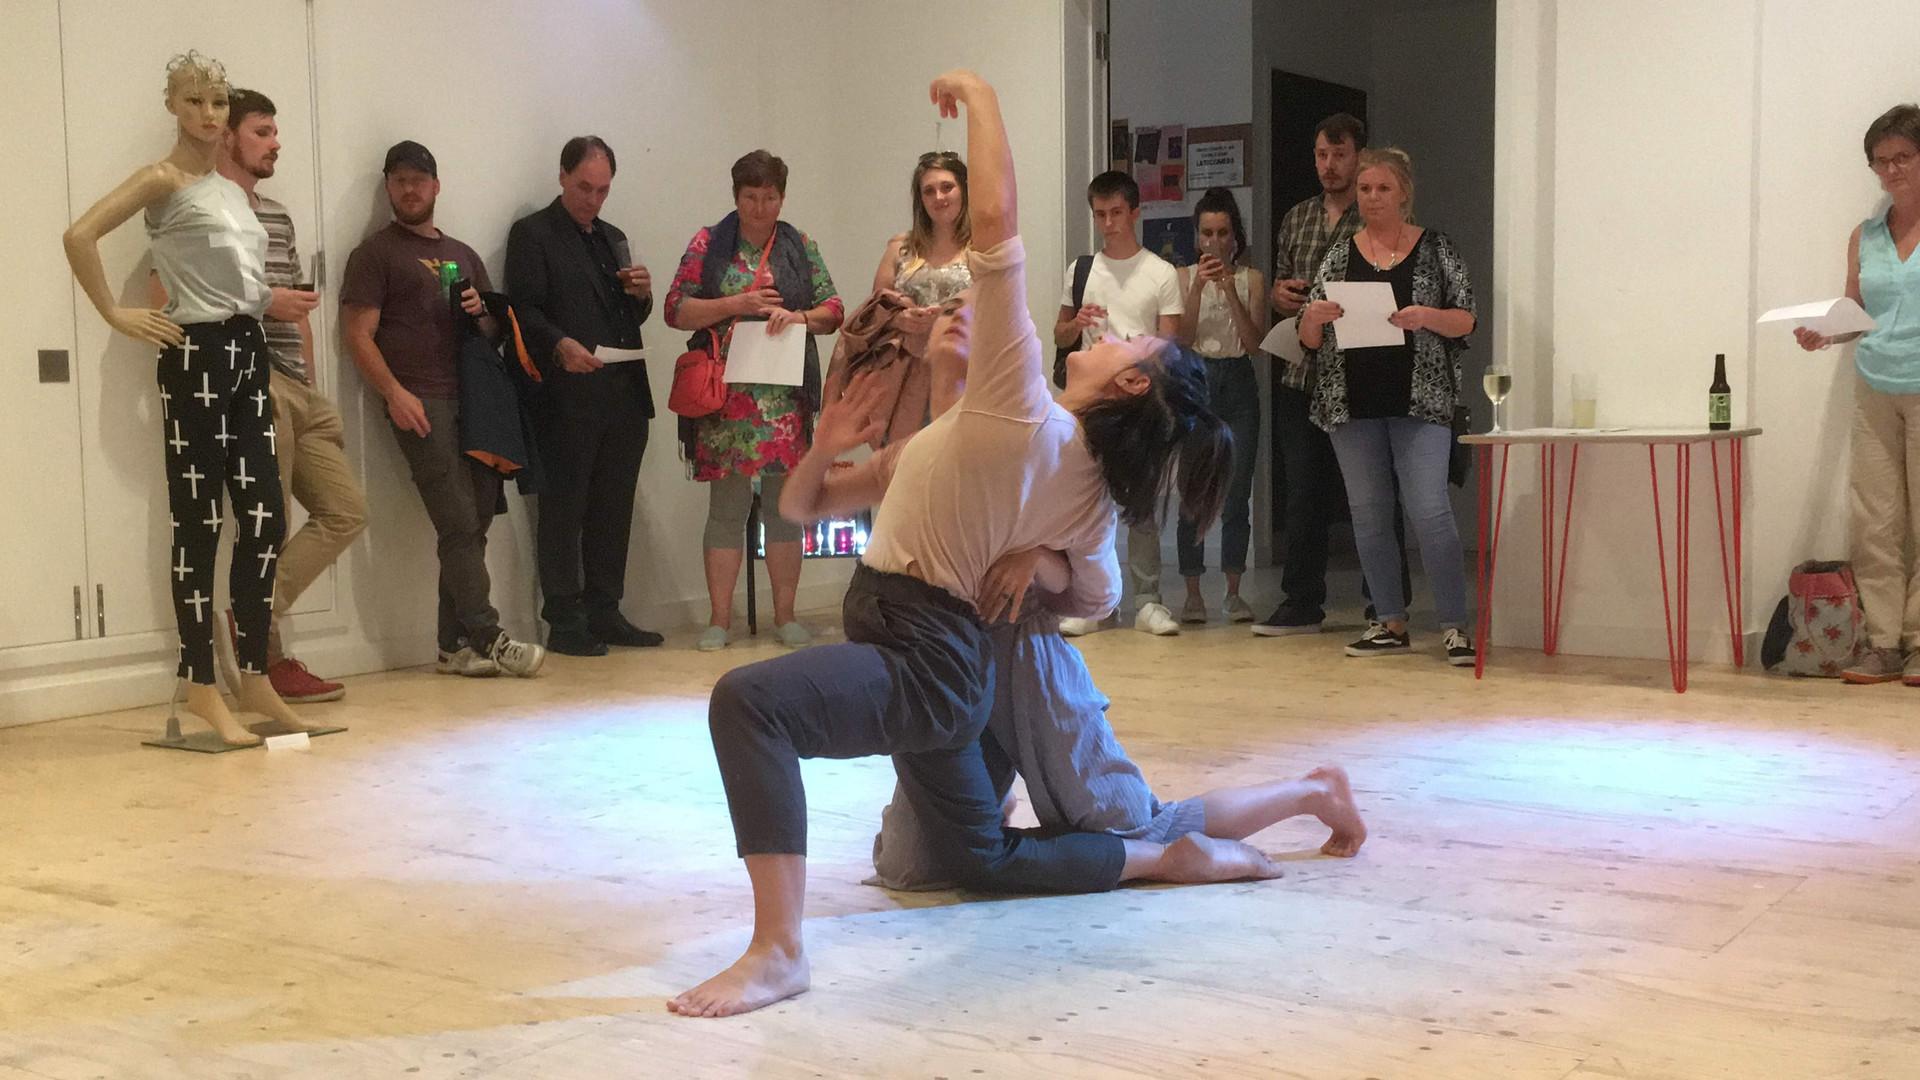 6 Dance Sculptures